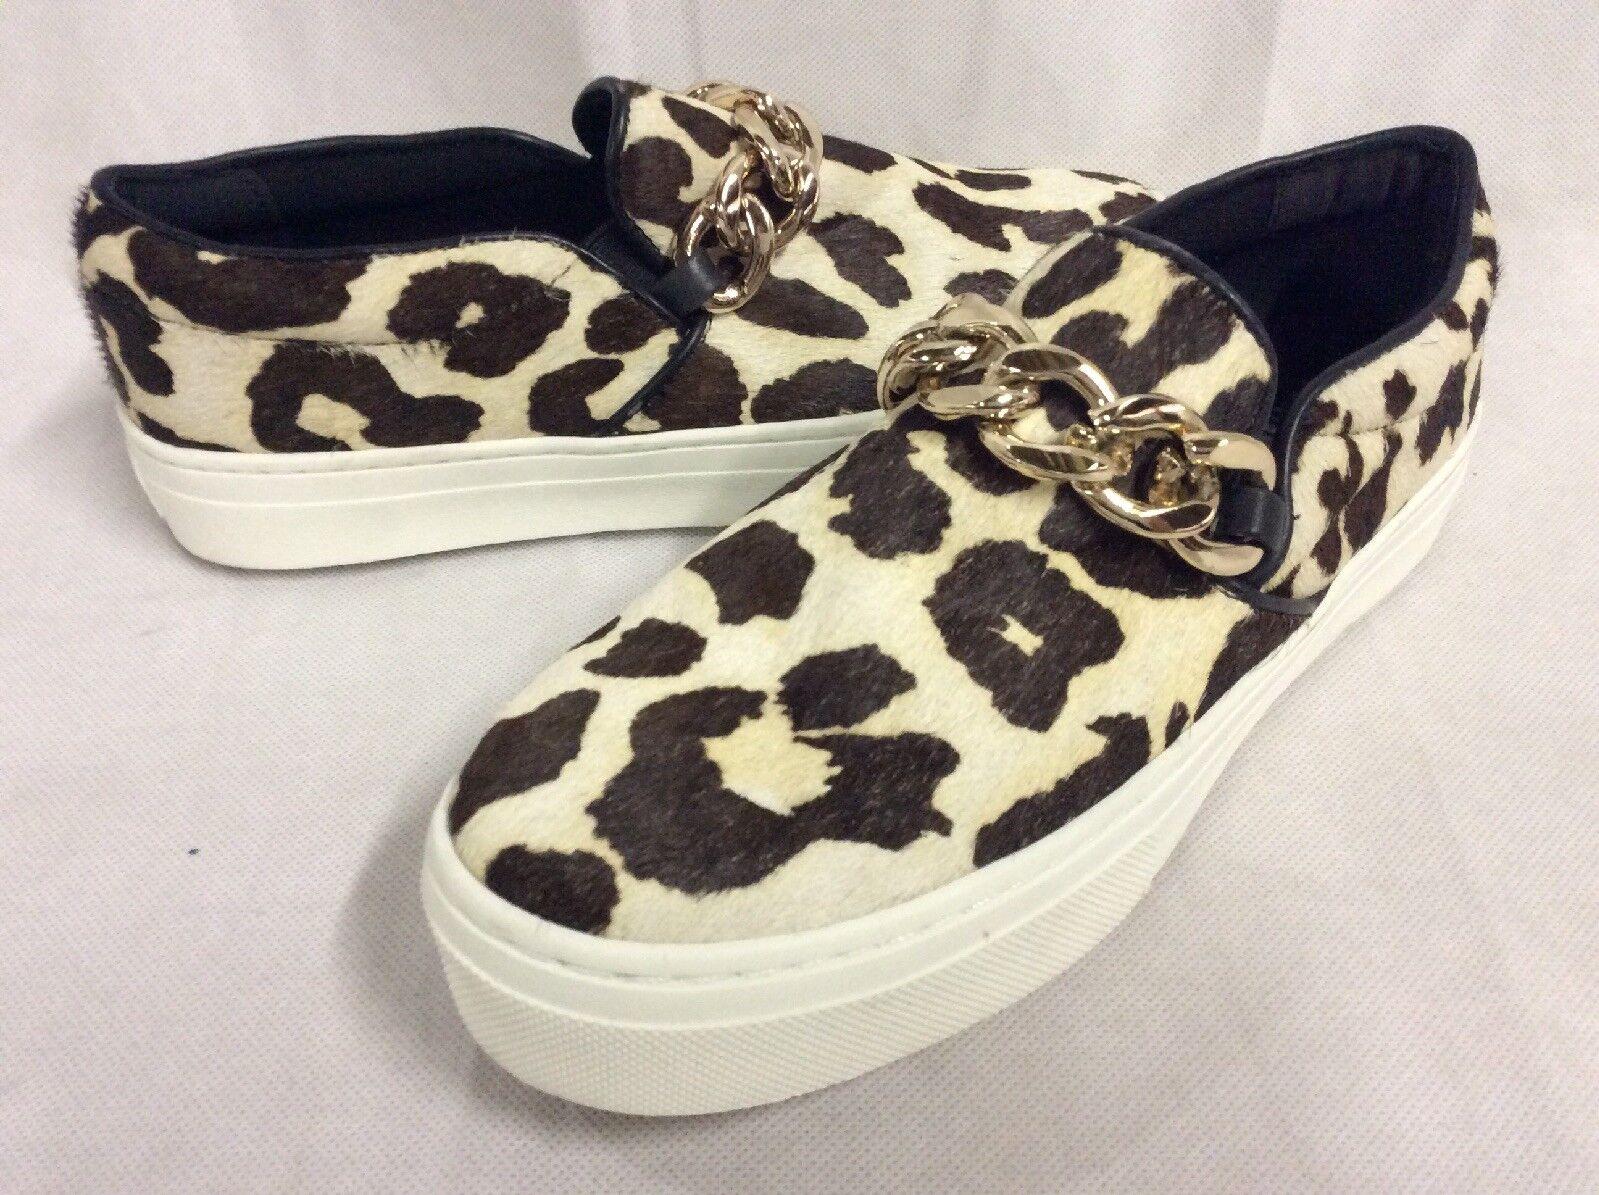 Aldo Women's shoes, Leopard, Size 6 Eur 36 36 36 Uk 3 2ce0bf